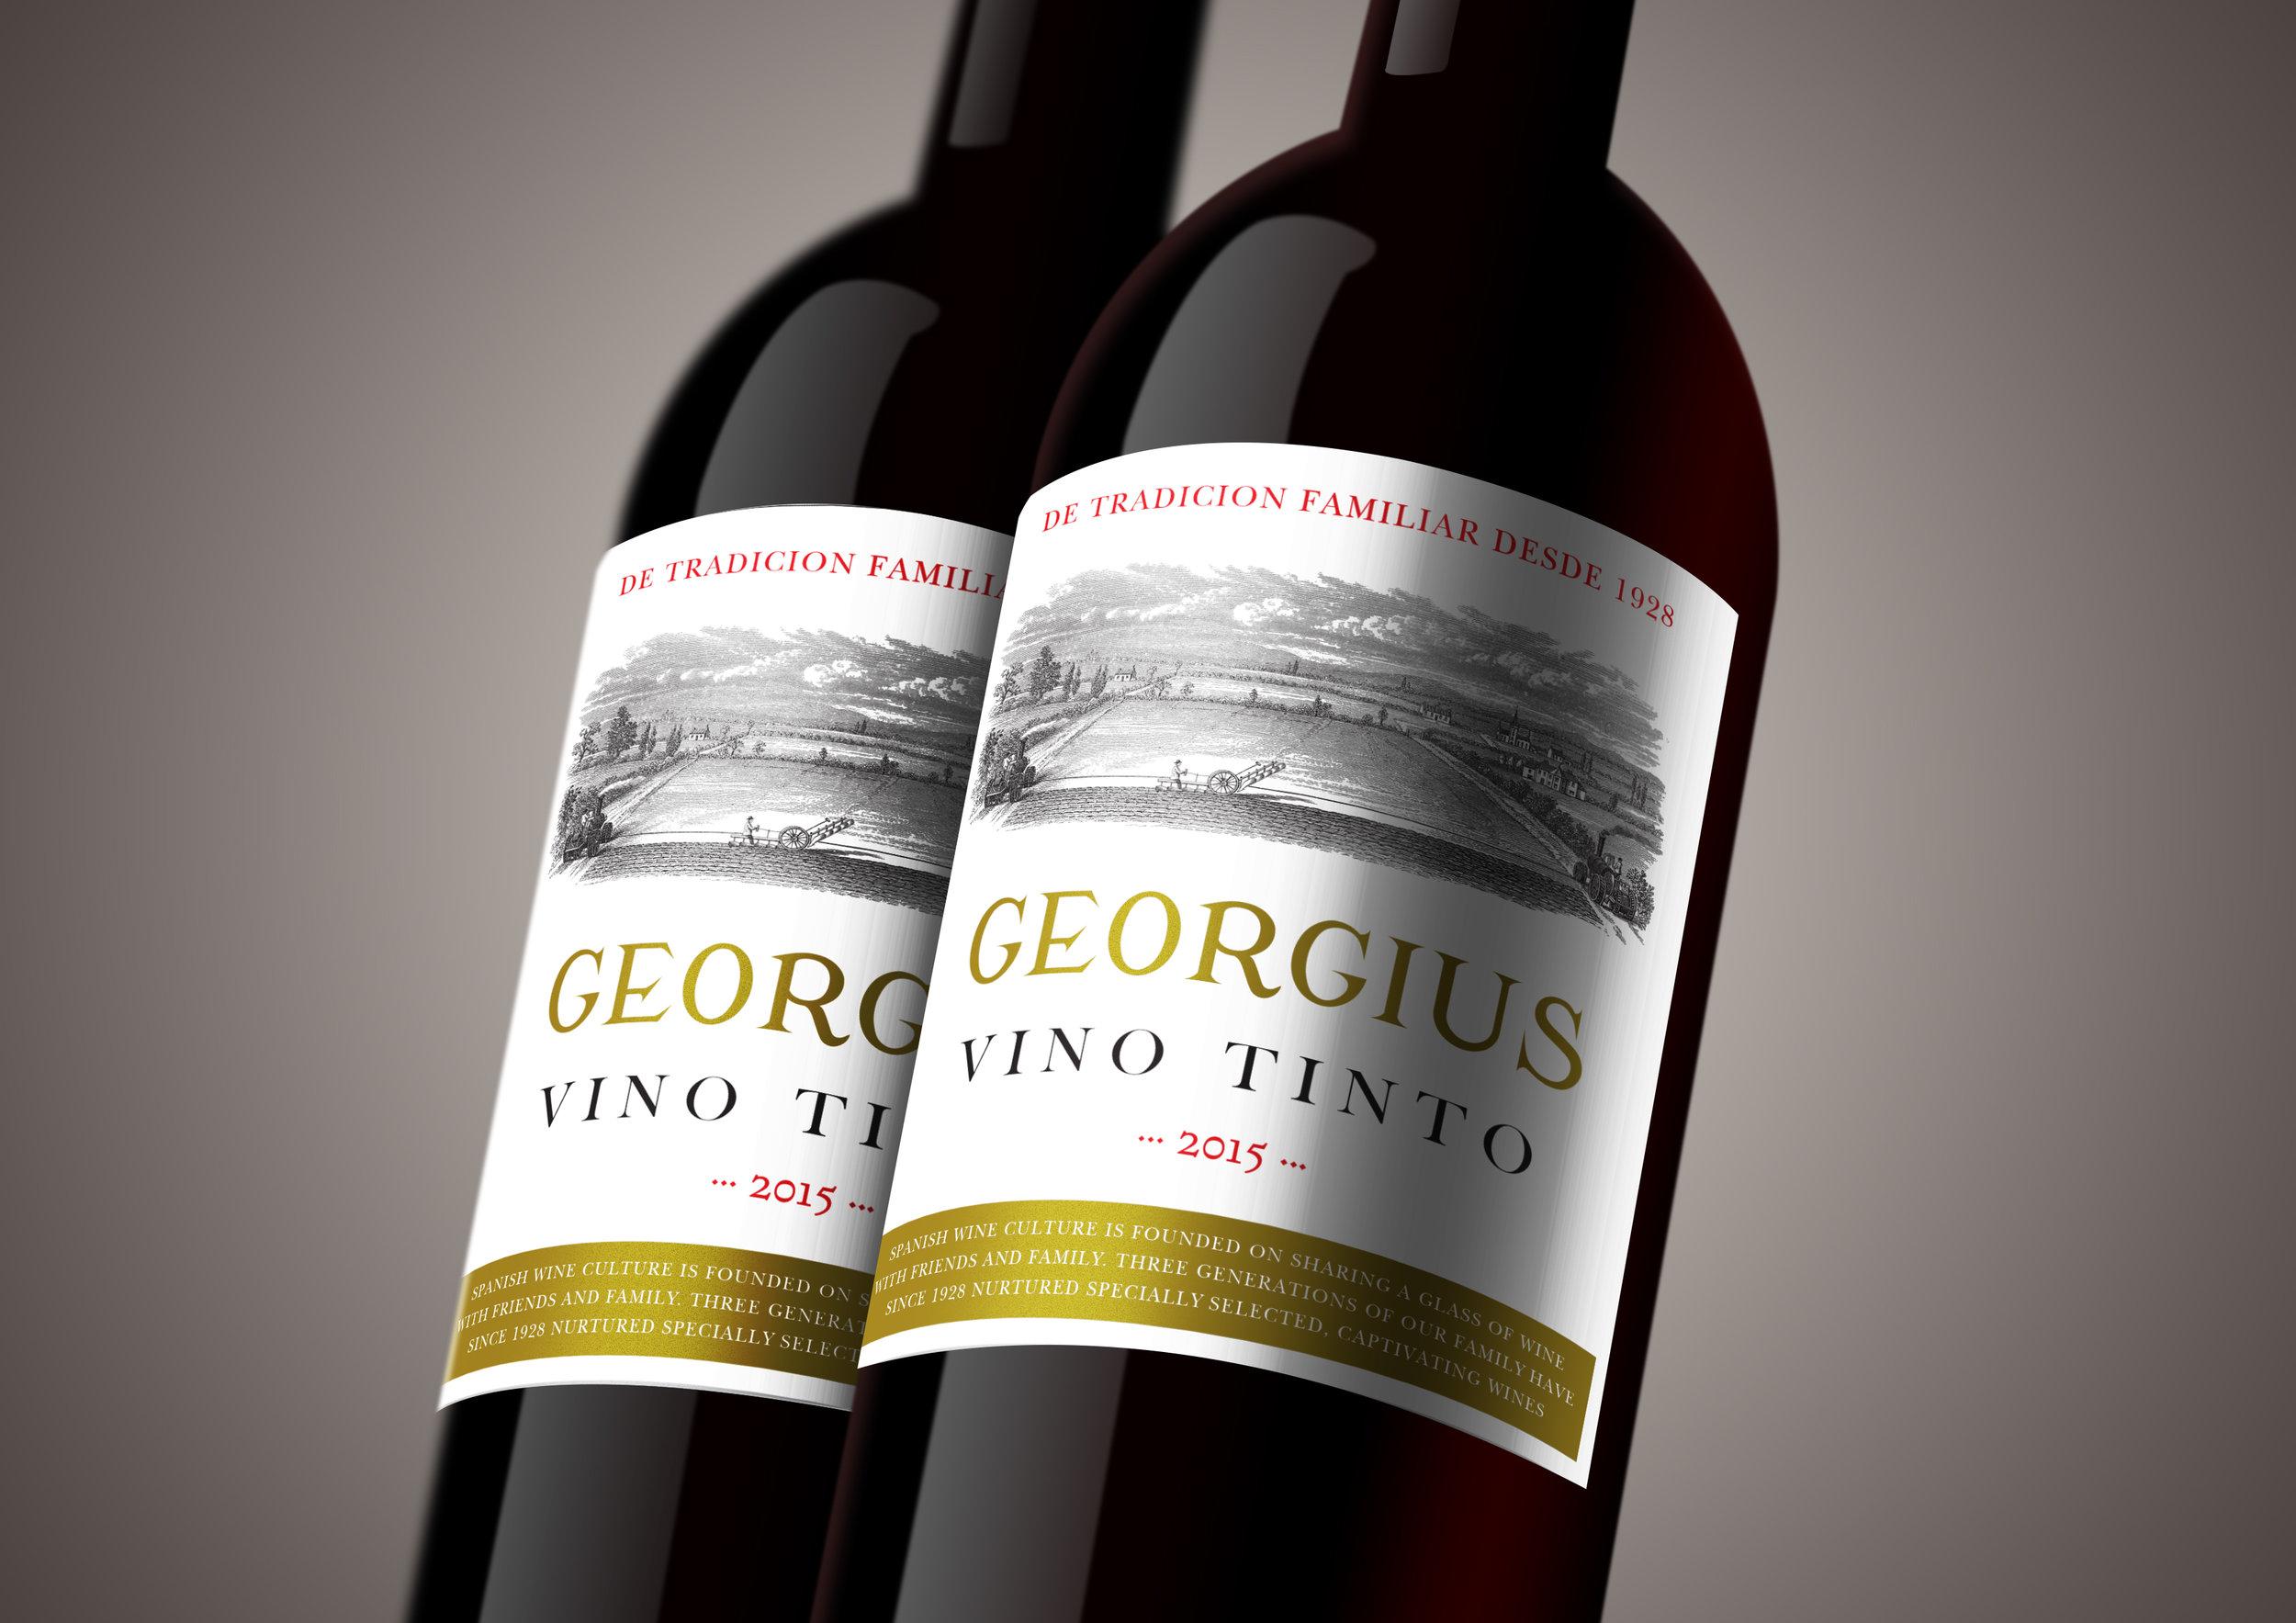 Georgius 2 bottle shot.jpg